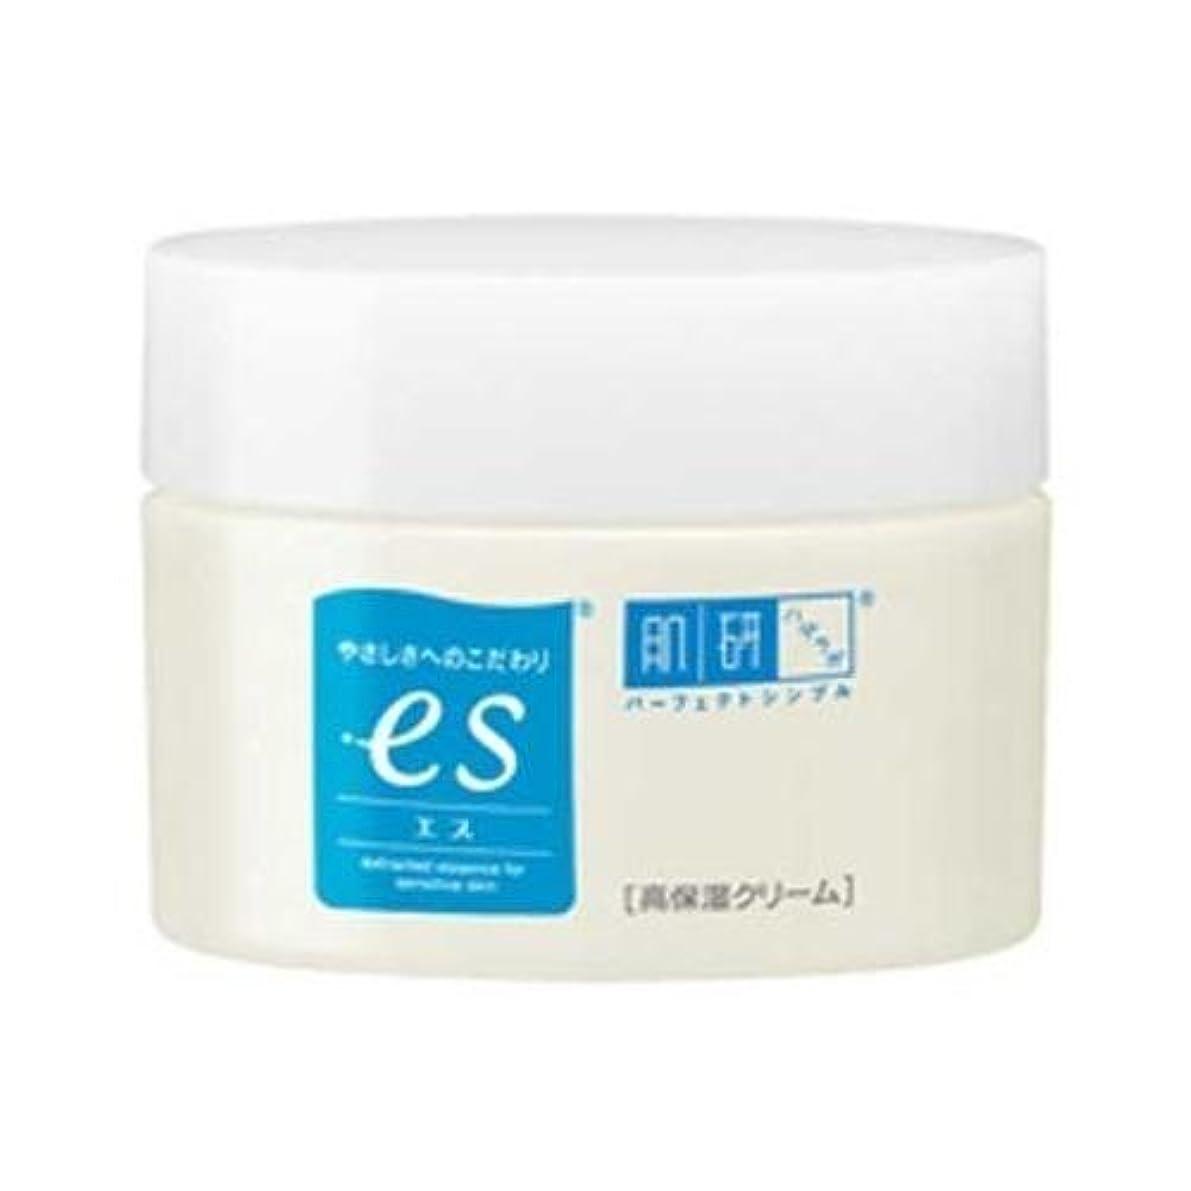 アコードソロどちらも肌ラボ es(エス) ナノ化ミネラルヒアルロン酸配合 無添加処方 高保湿クリーム 50g